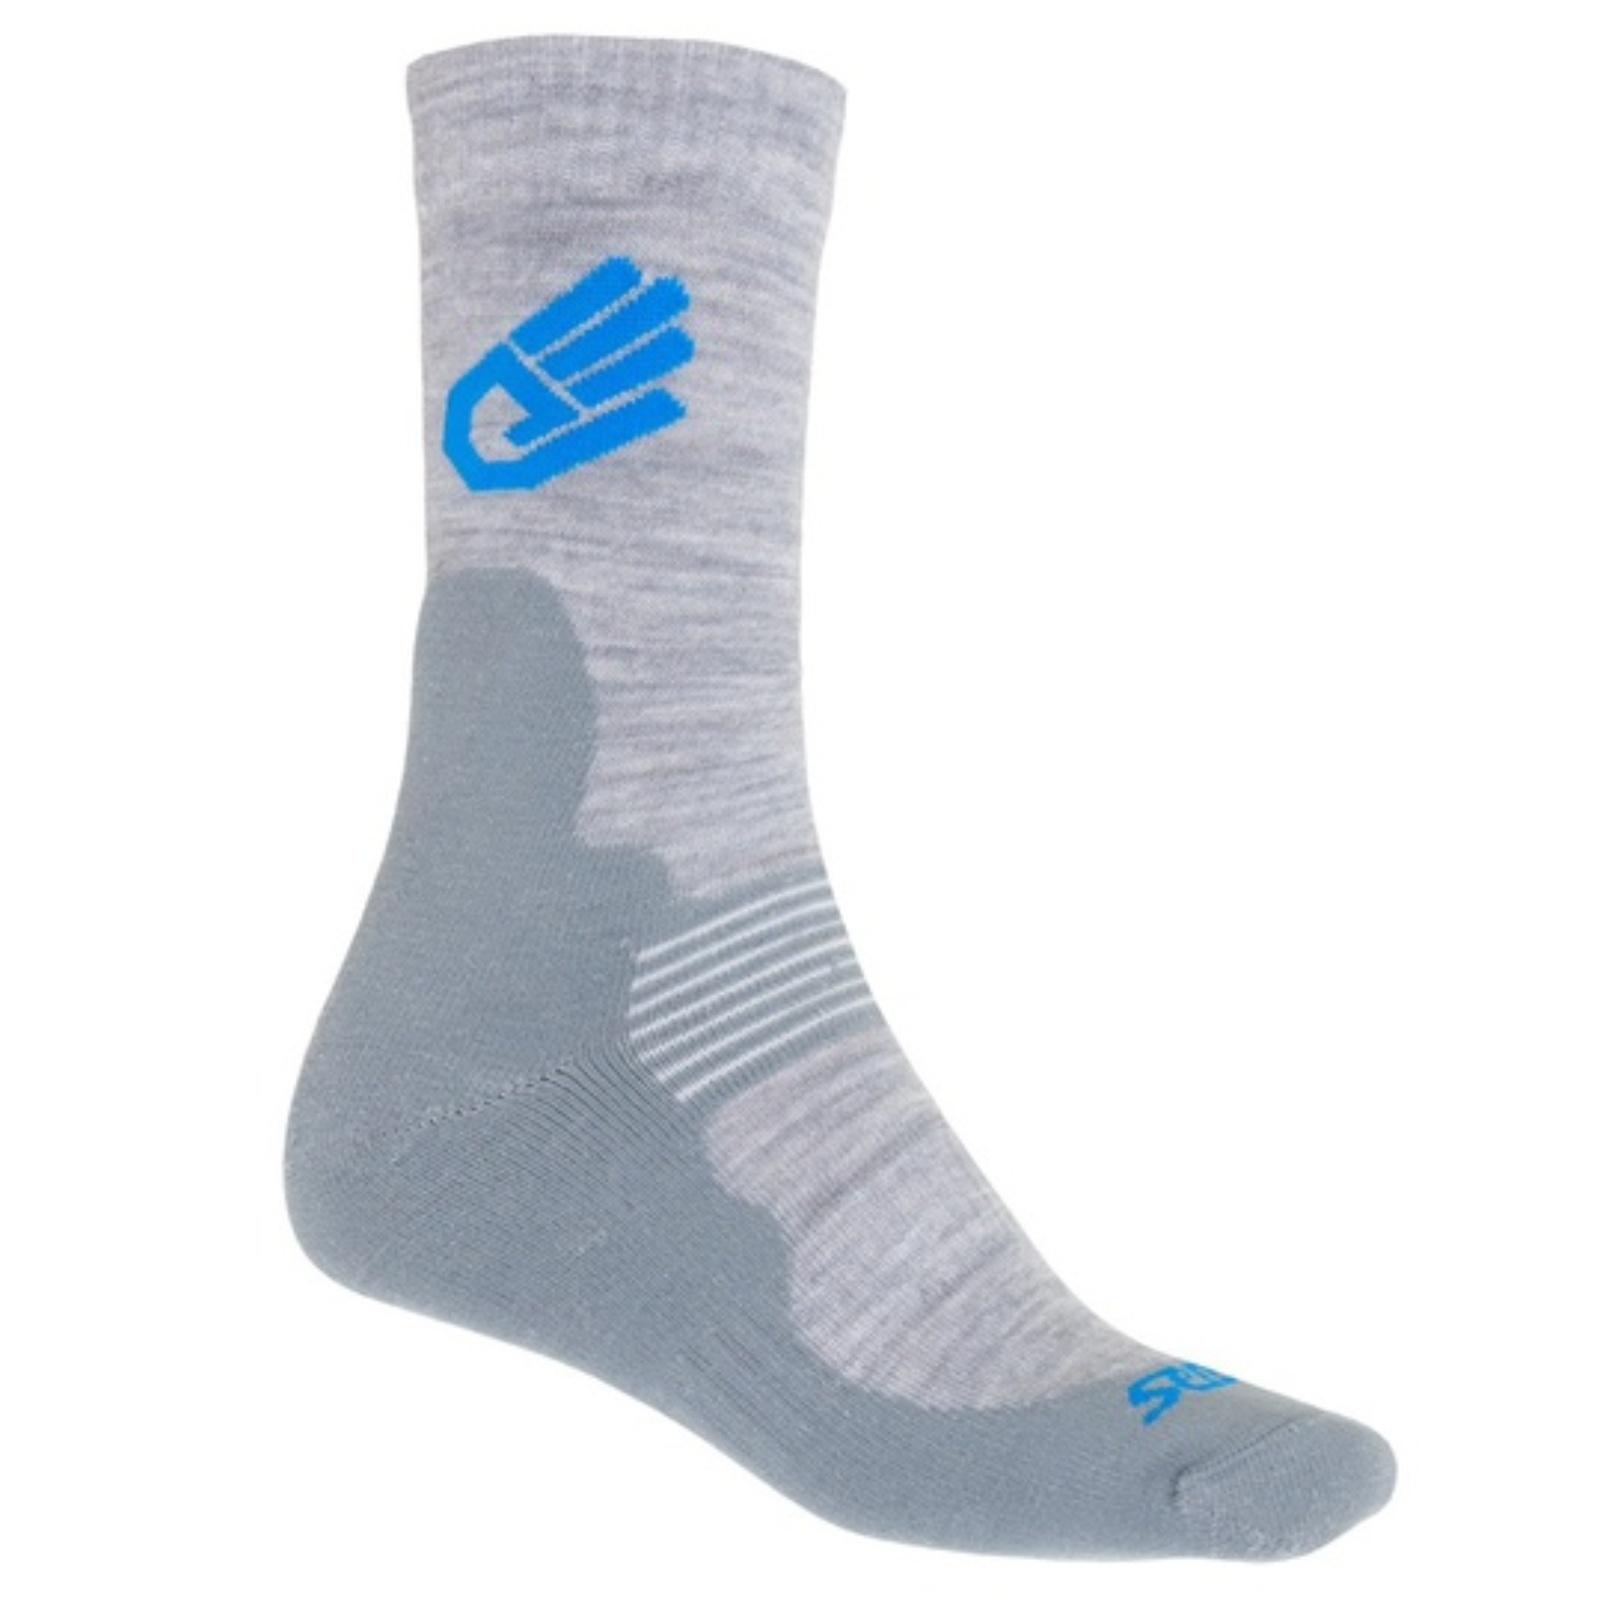 Ponožky SENSOR Expedition Merino Wool šedé veľ. 6-8